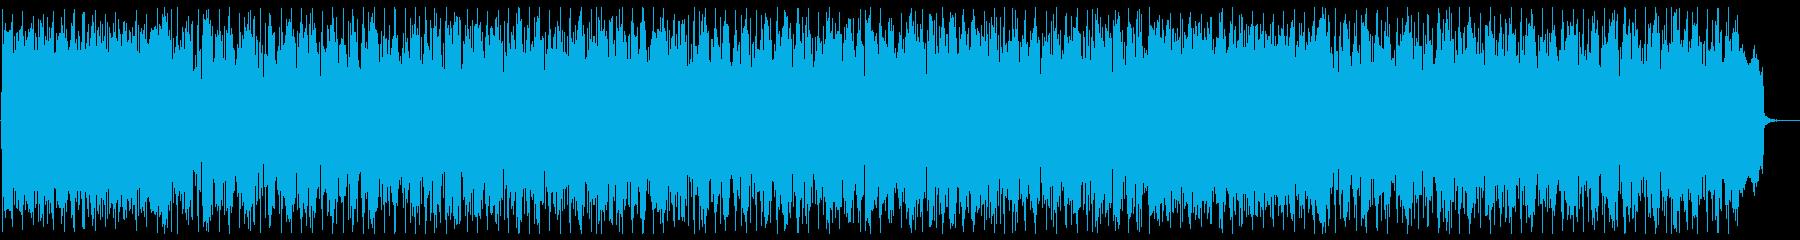 なめらかでやさしいメロディーの再生済みの波形